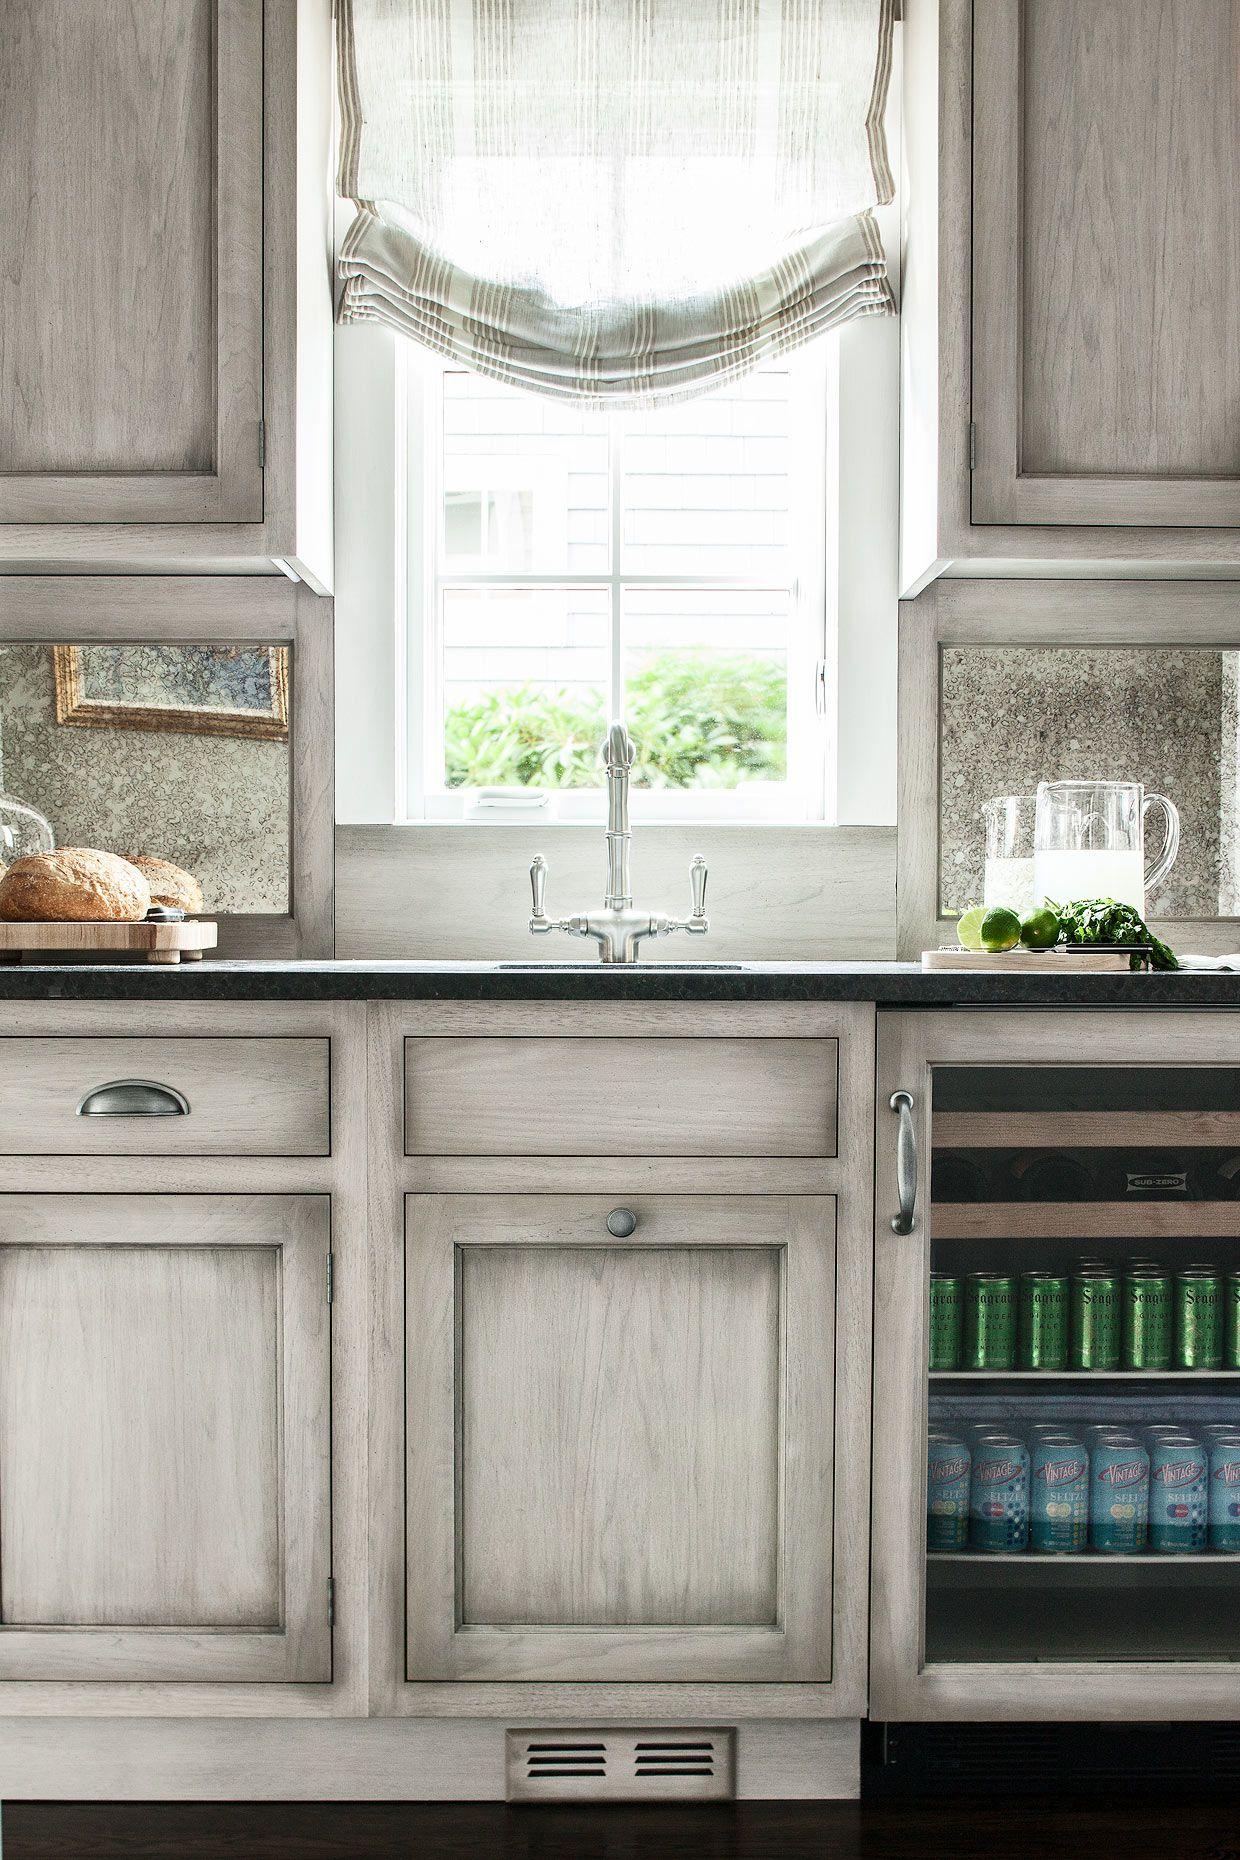 Award Winning Kitchen Designer Heidi Piron Creates Hand Crafted Kitchens And Customized Spaces F Grey Kitchen Designs Glazed Kitchen Cabinets Home Kitchens